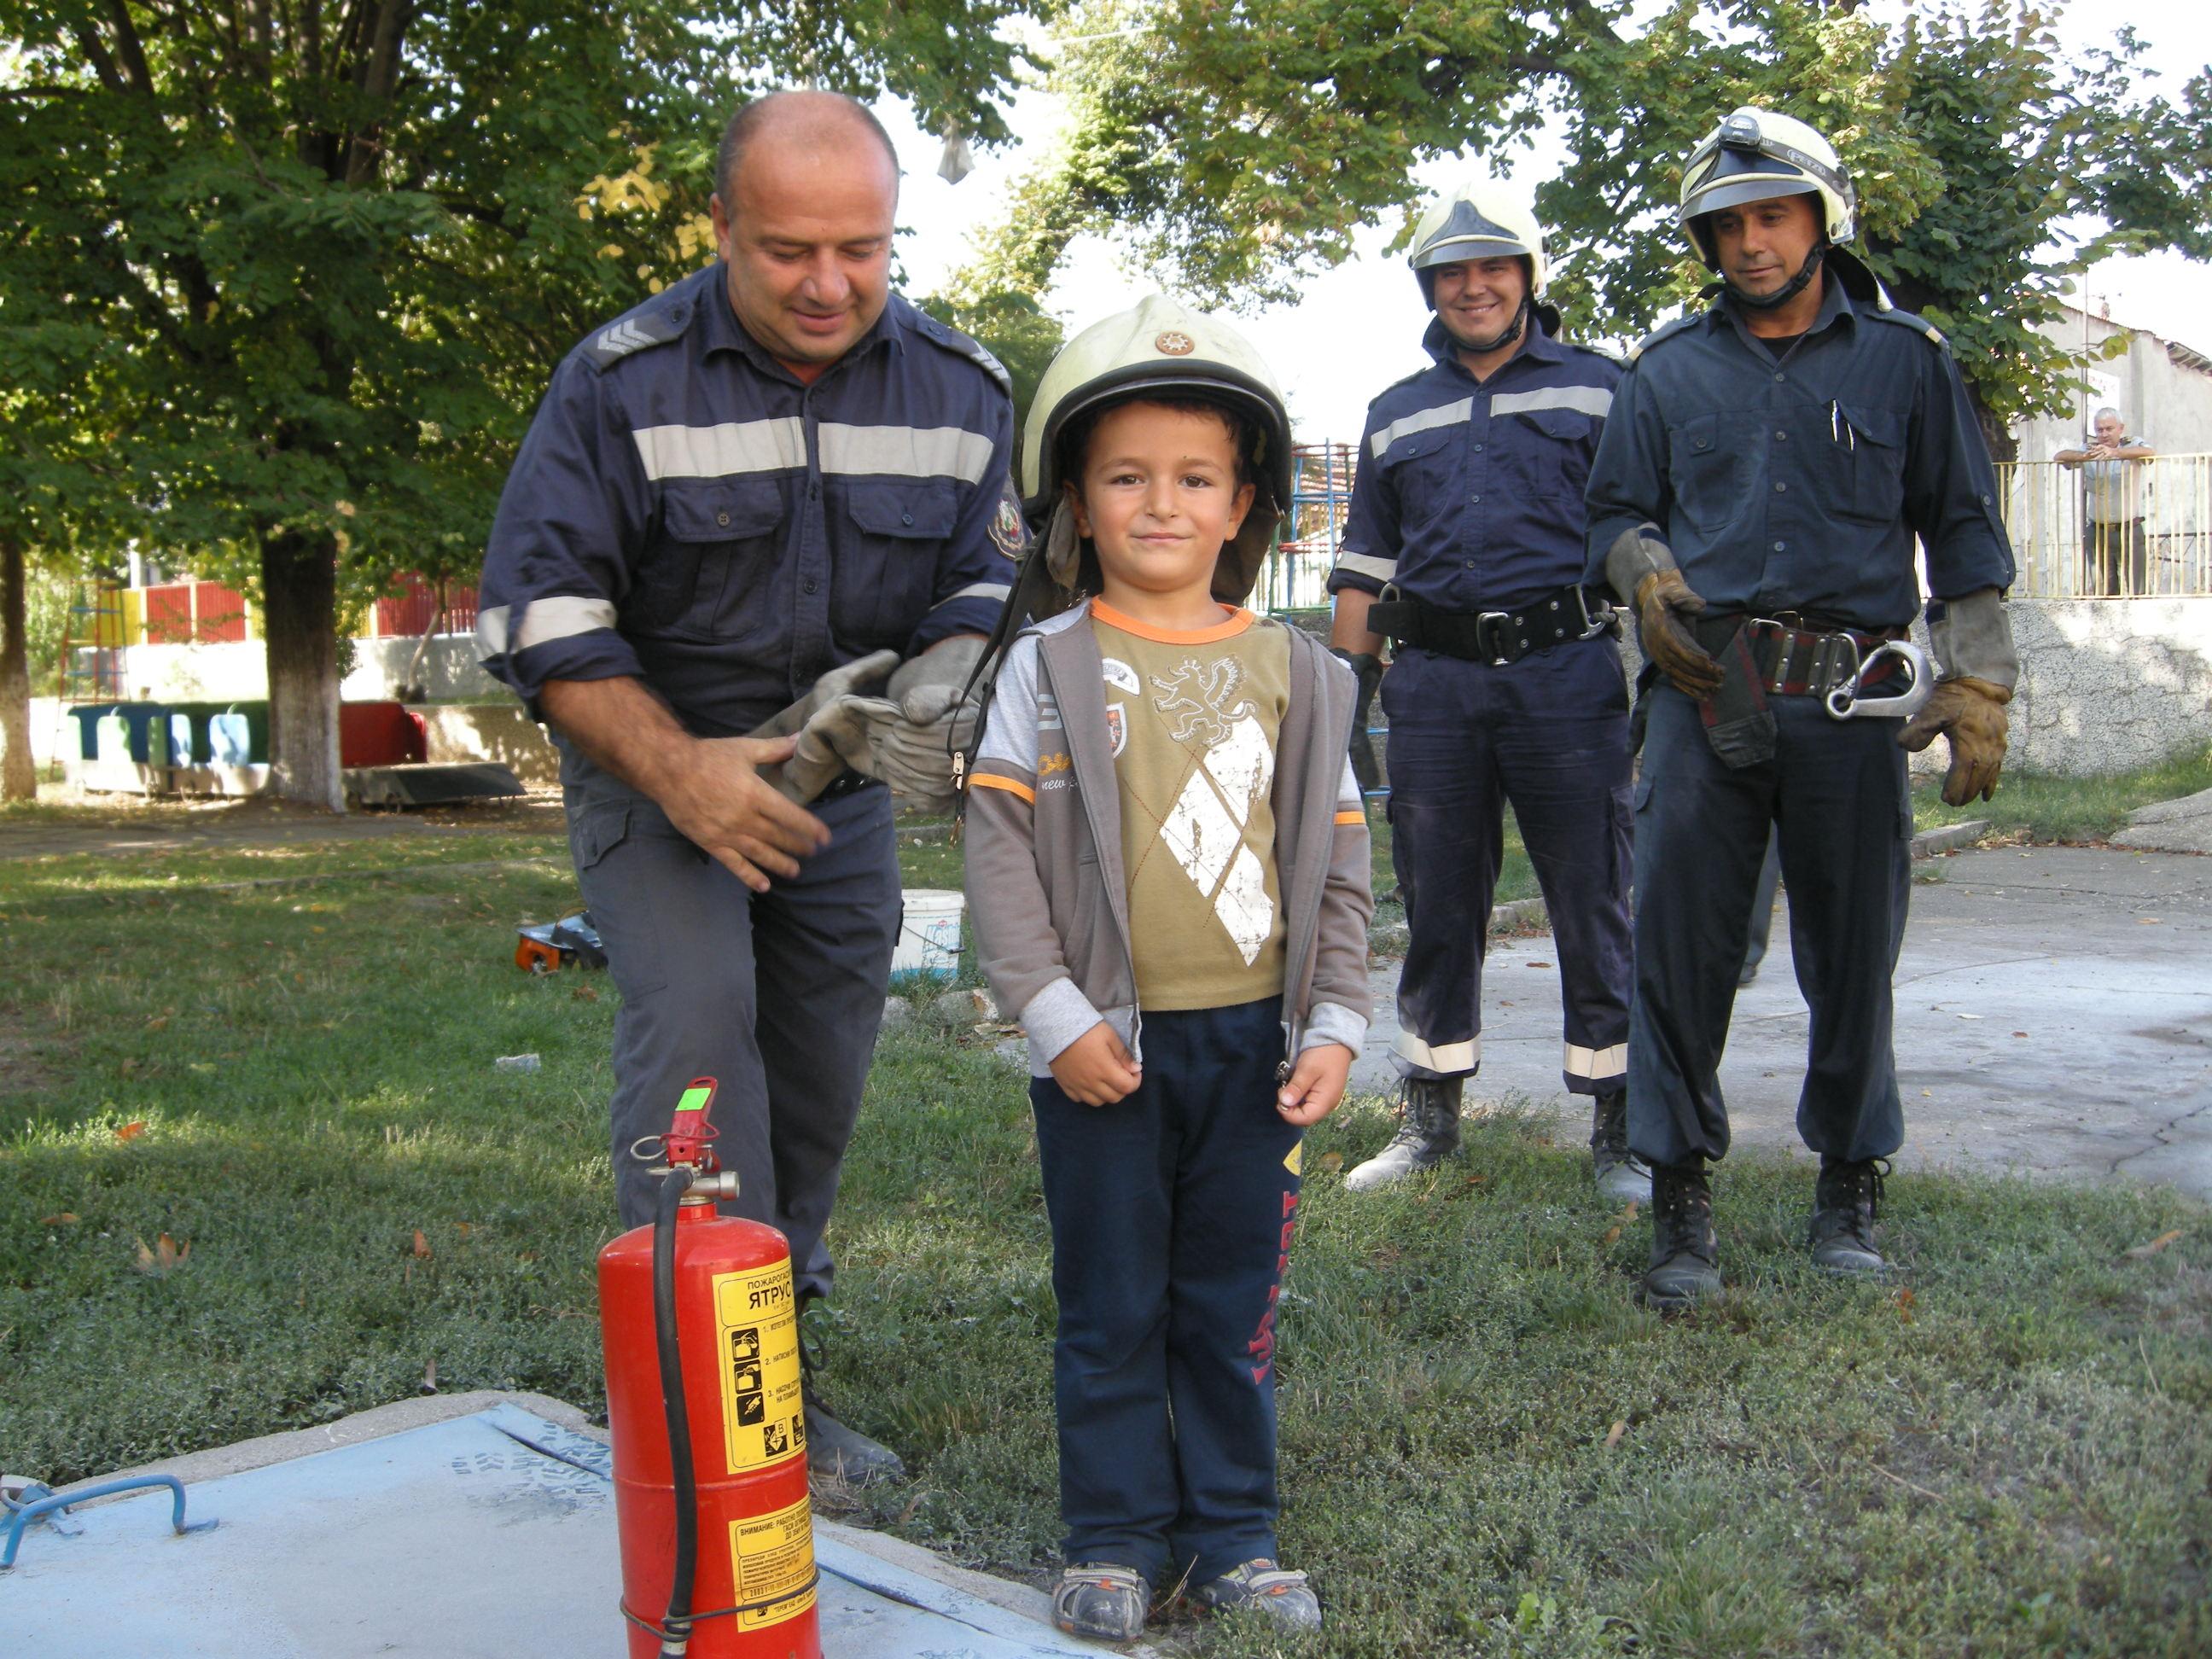 В Силистра бяха евакуирани днес в учебно занятие по пожарна безопасност